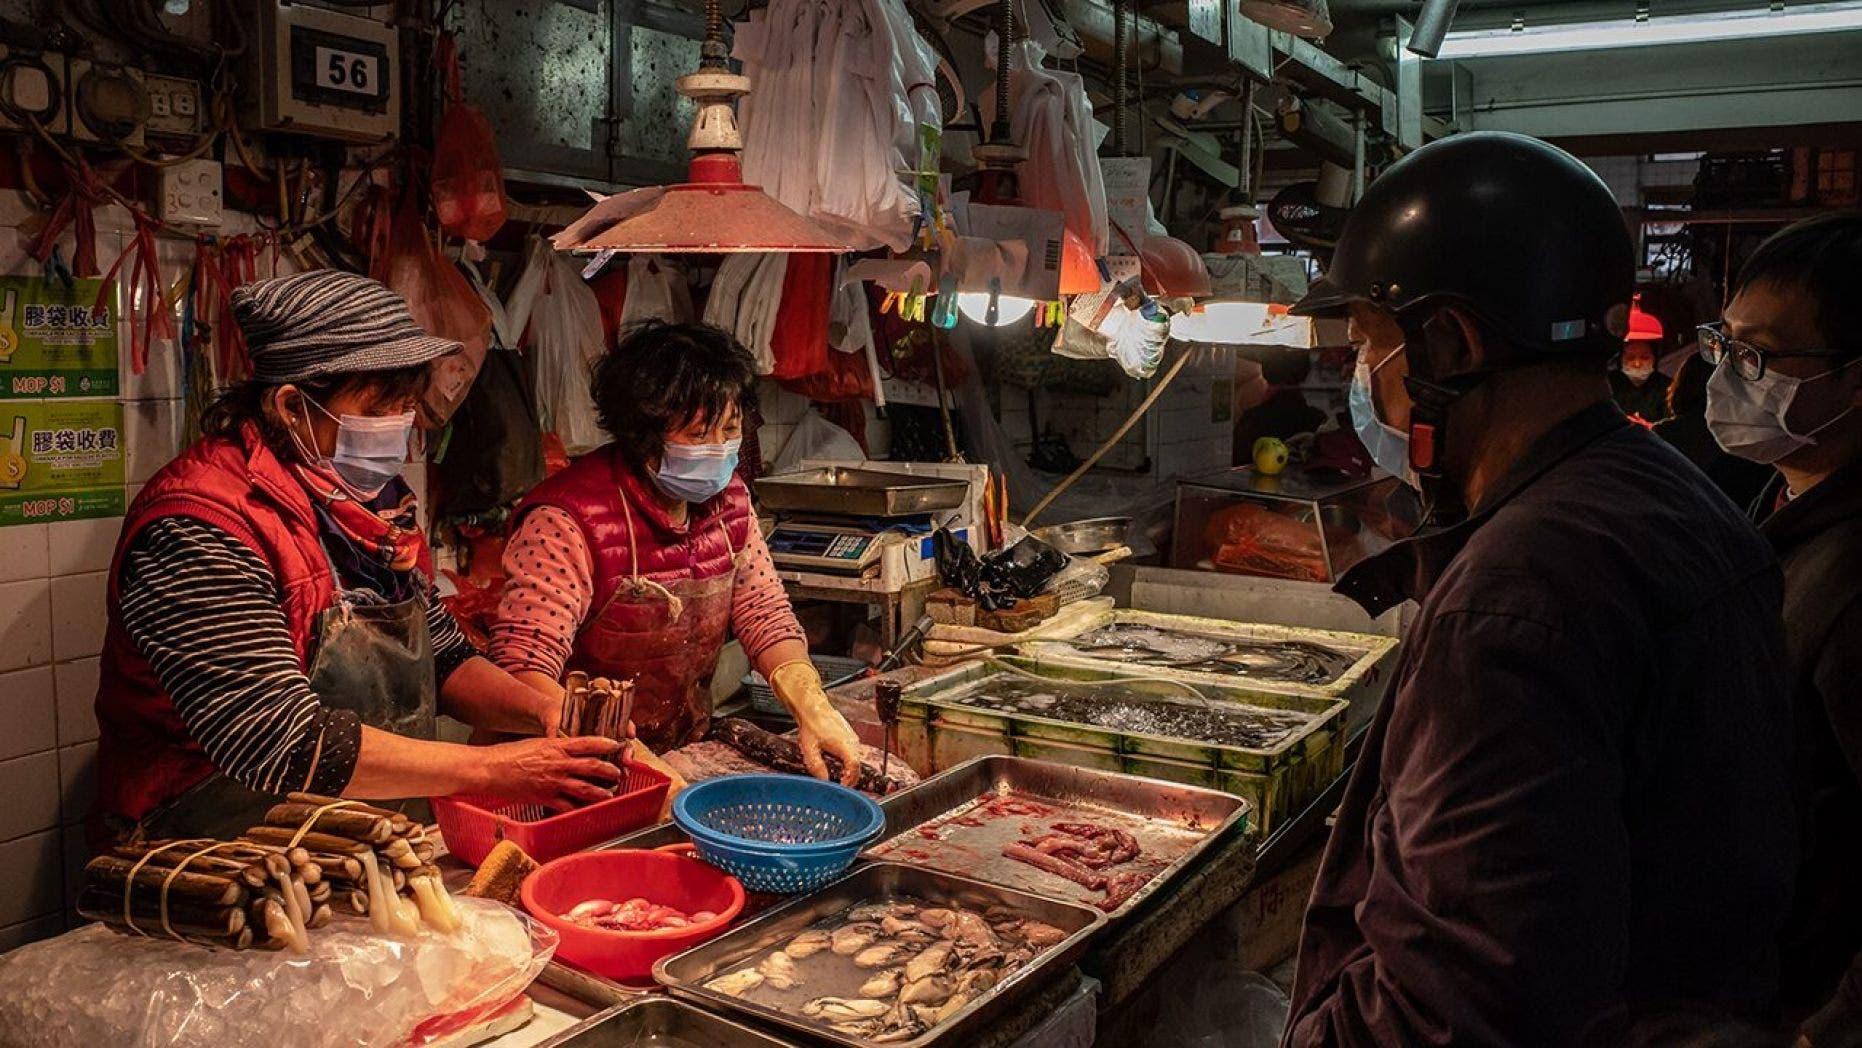 من أسواق لحوم الحيوانات البرية بالصين